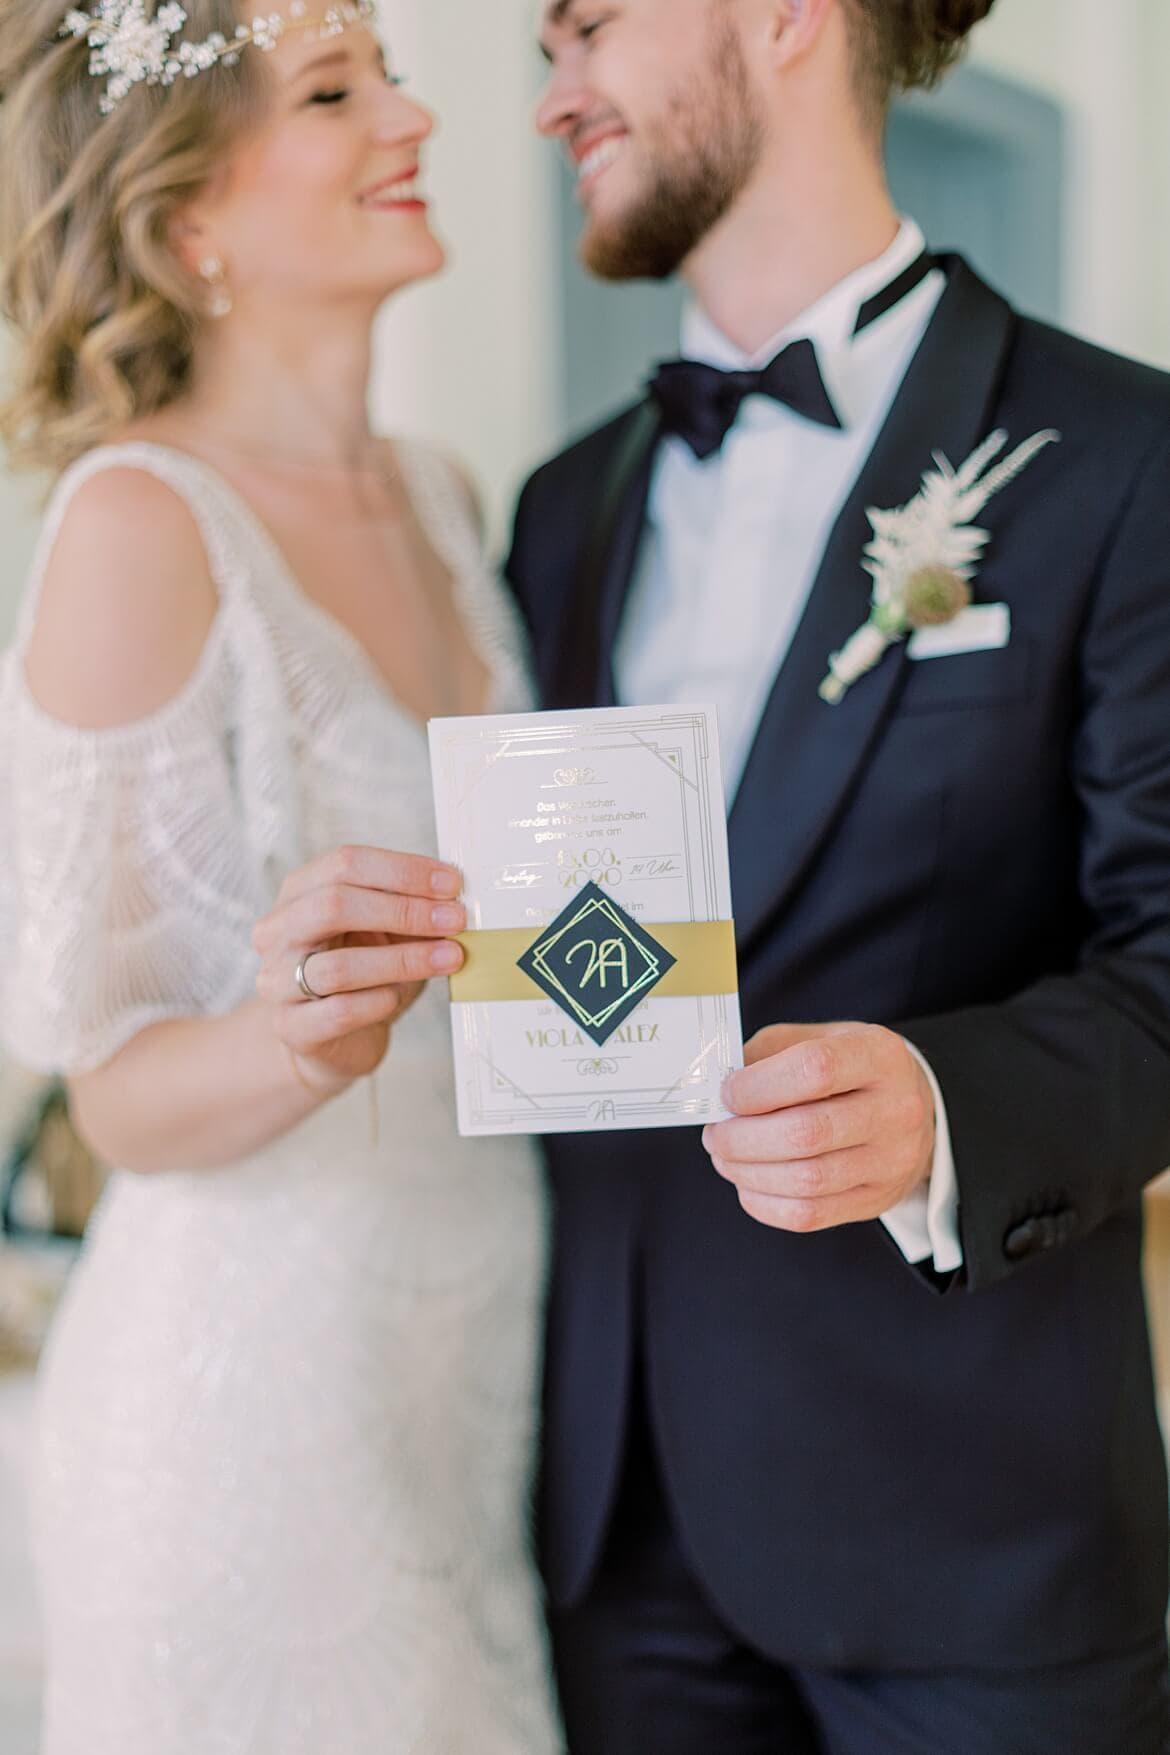 Brautpaar hält Einladung in der Hand